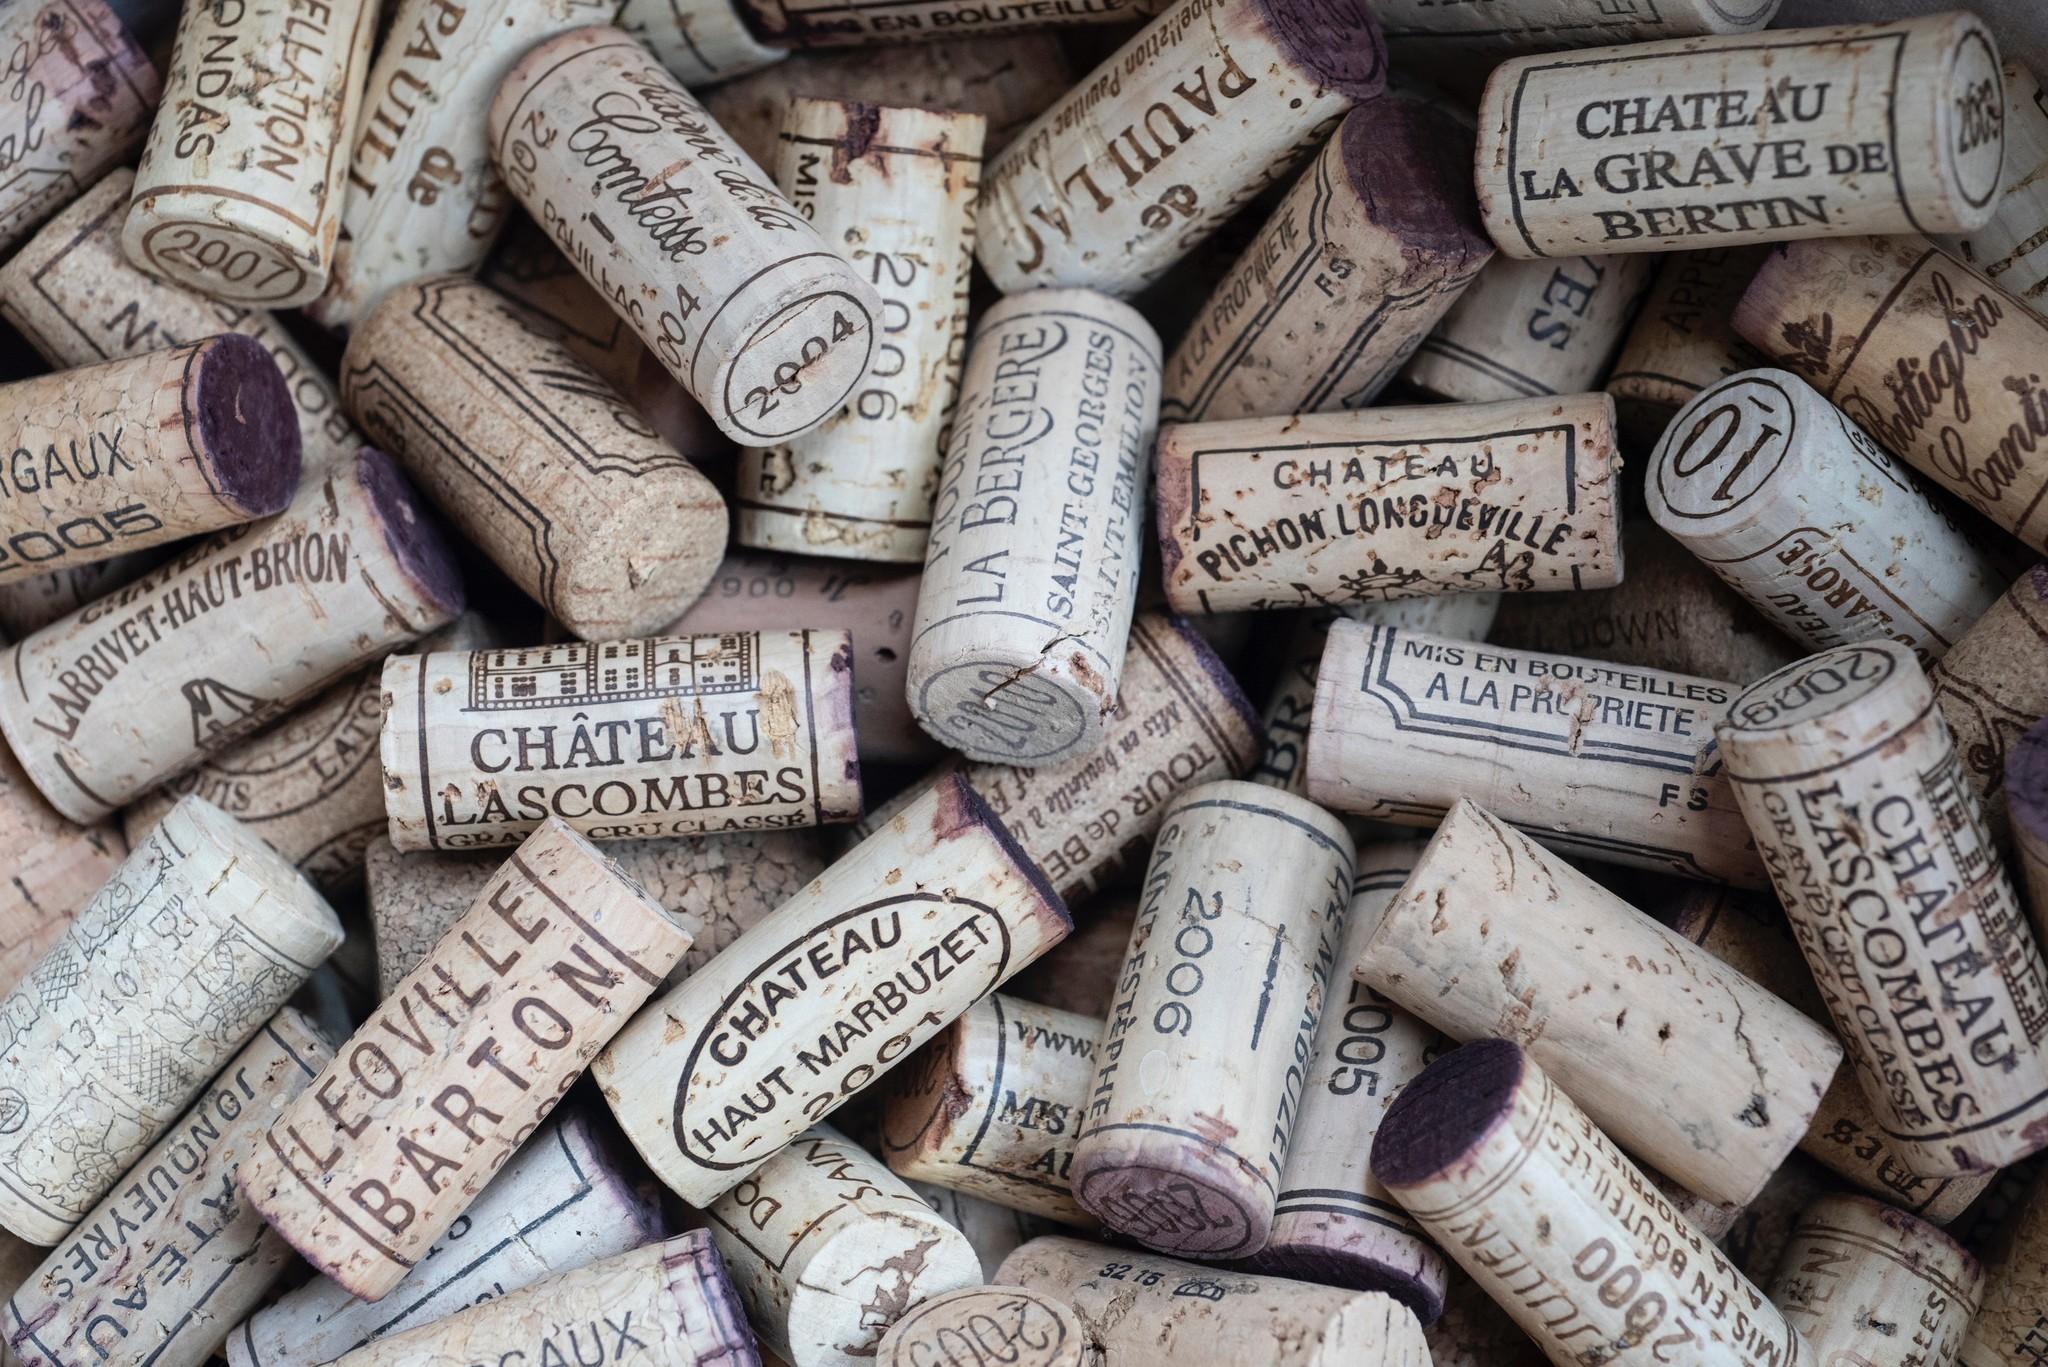 de 9 belangrijkste wijnstijlen